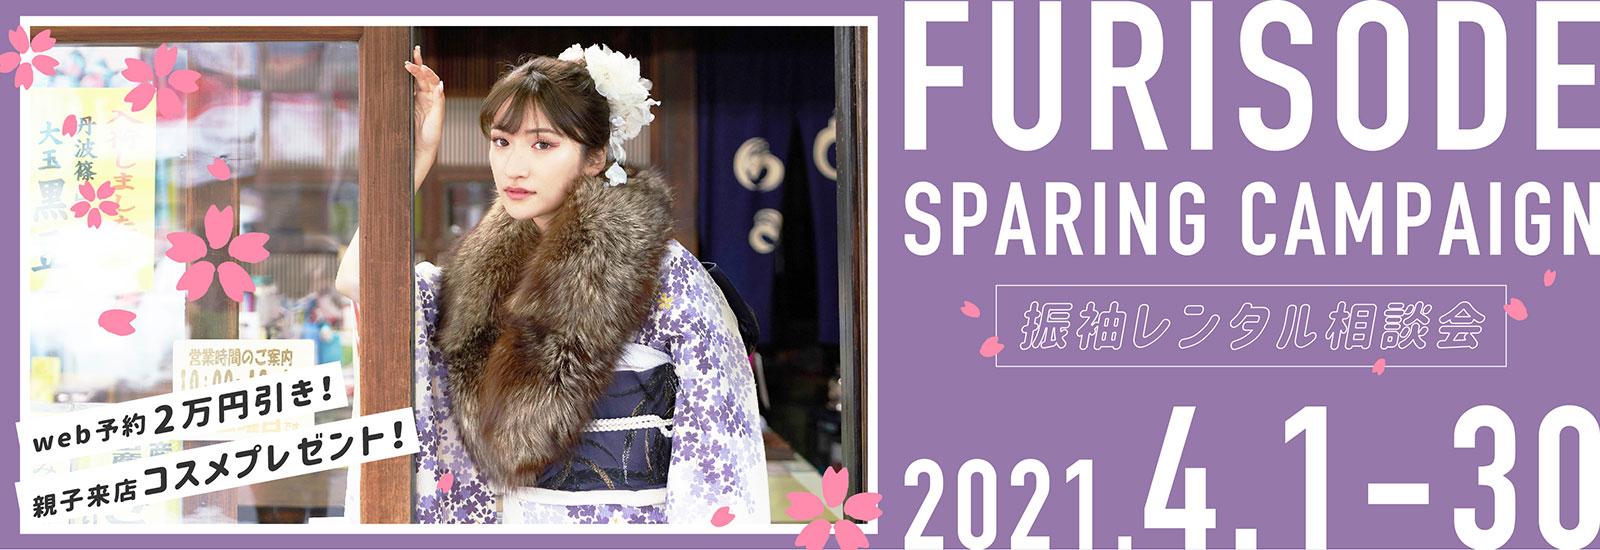 新年の振袖レンタル相談会 [New year's Campaign]